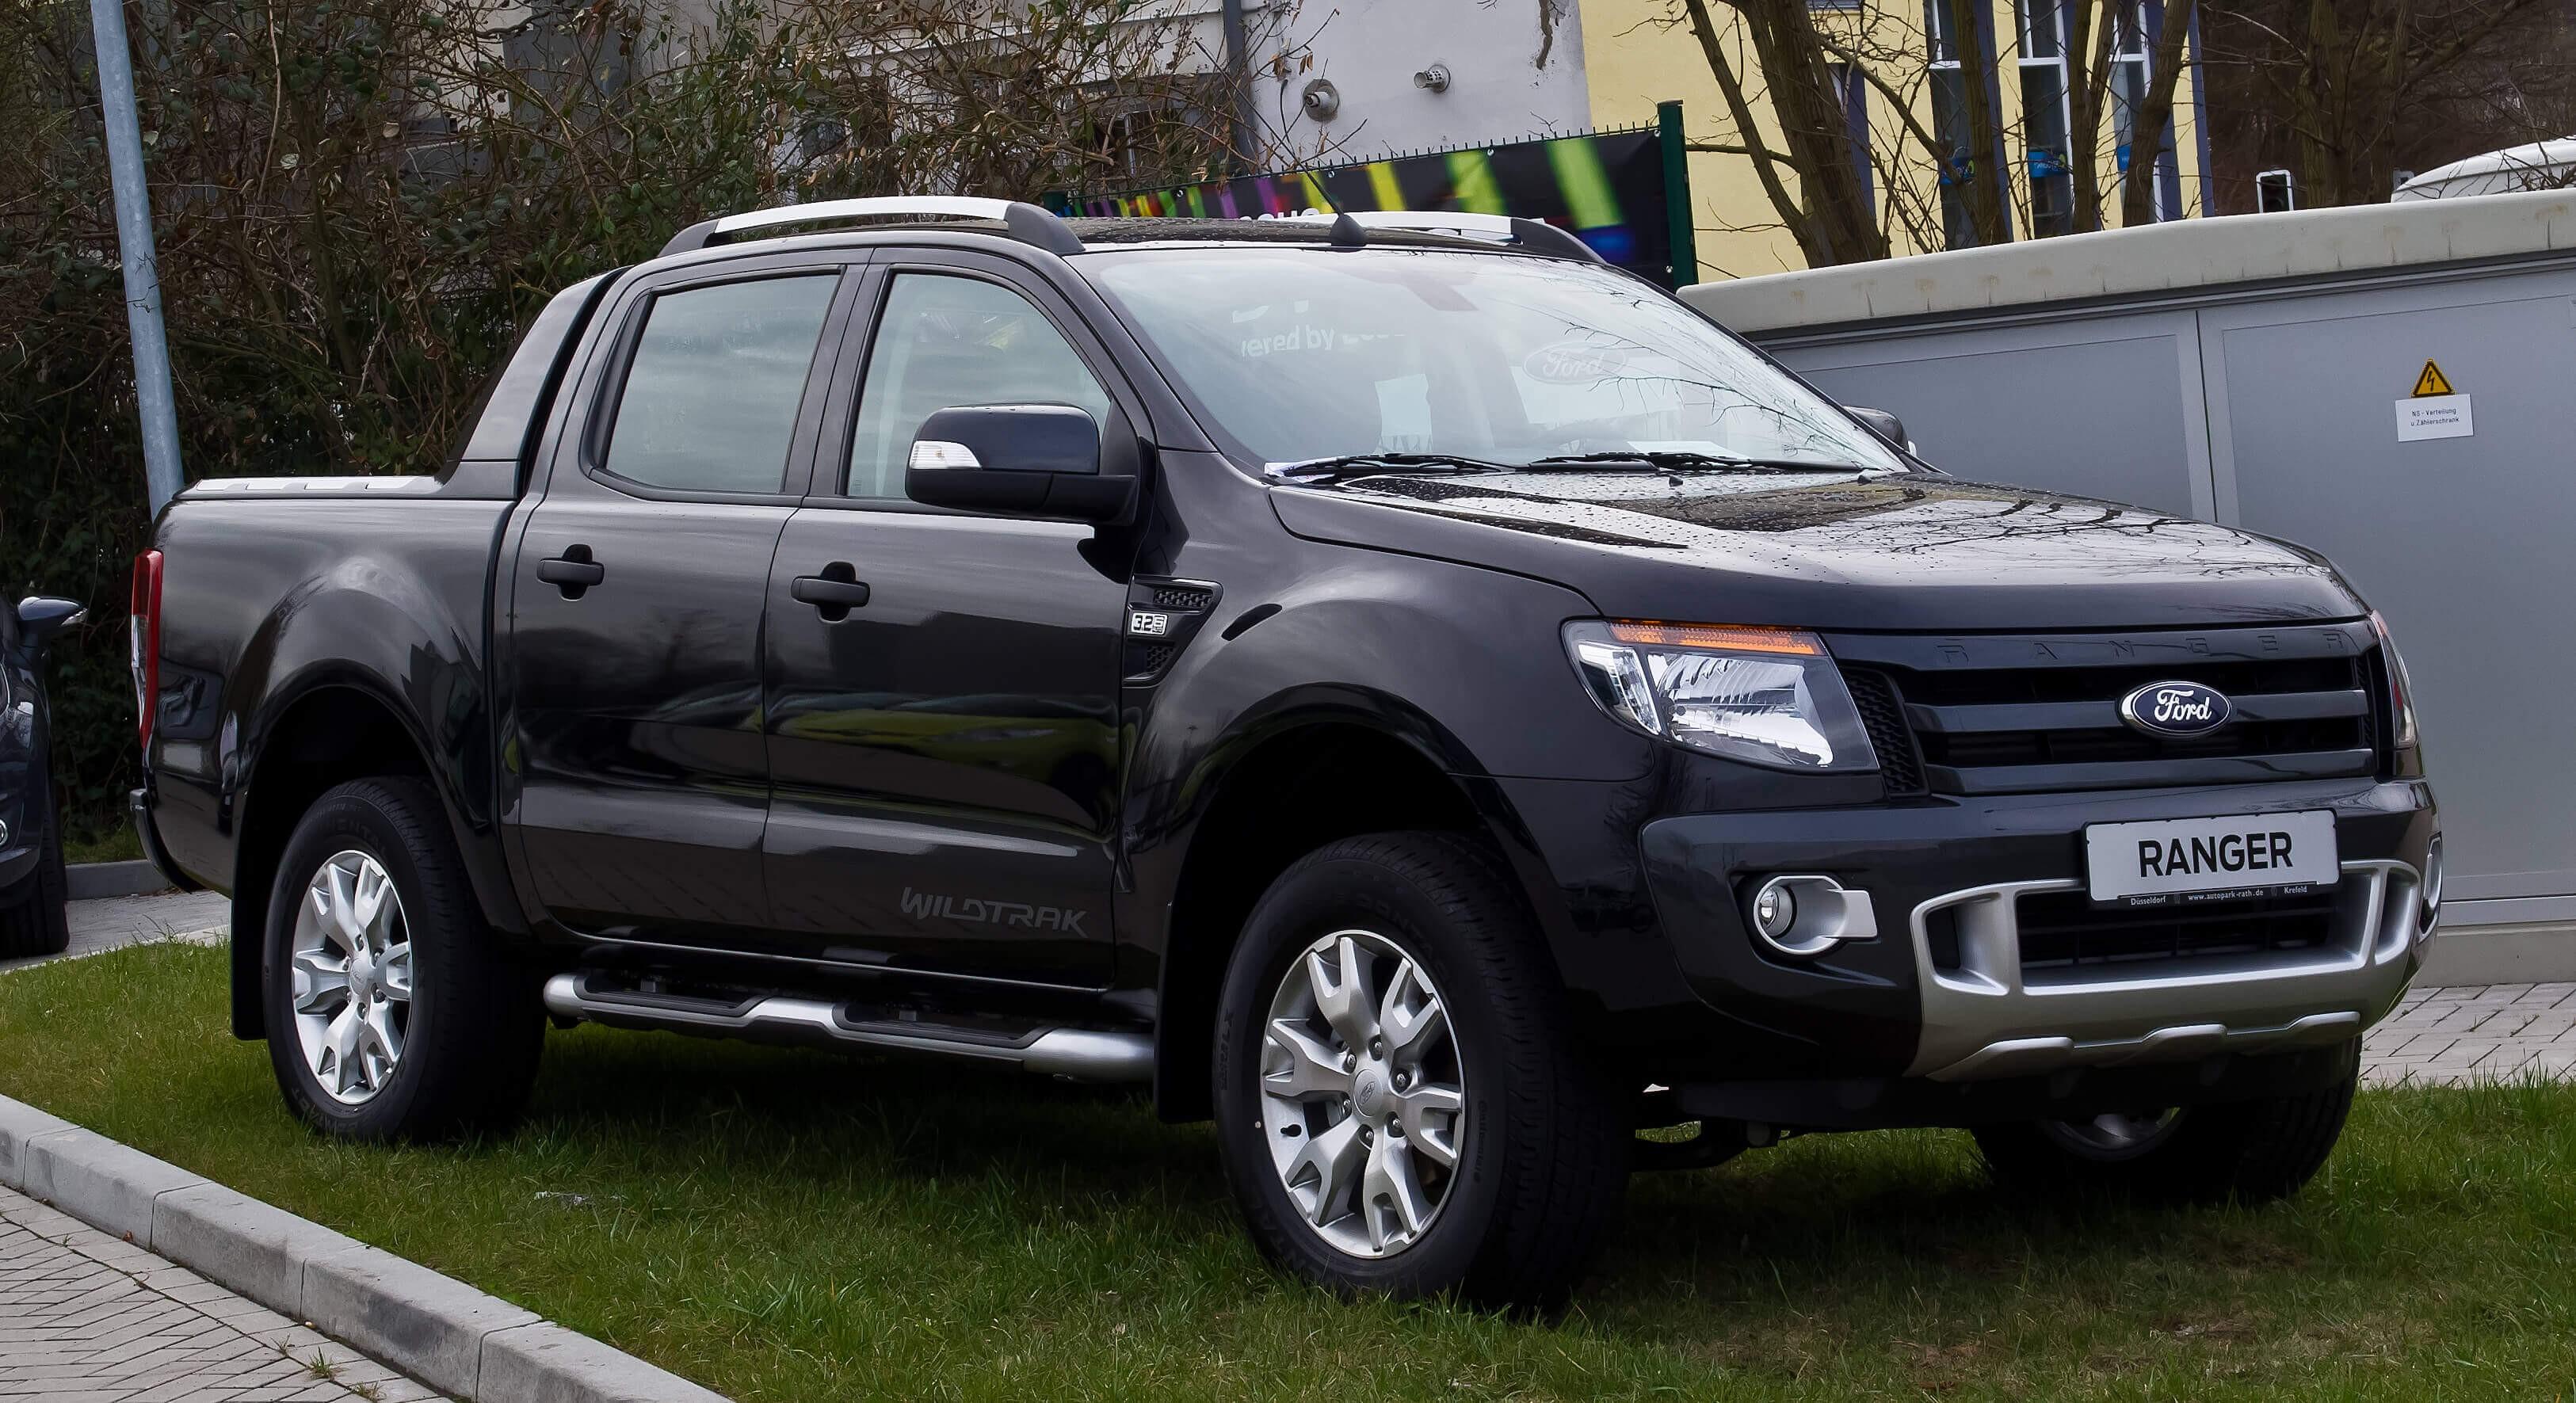 Led Ranger III (2013-2019)